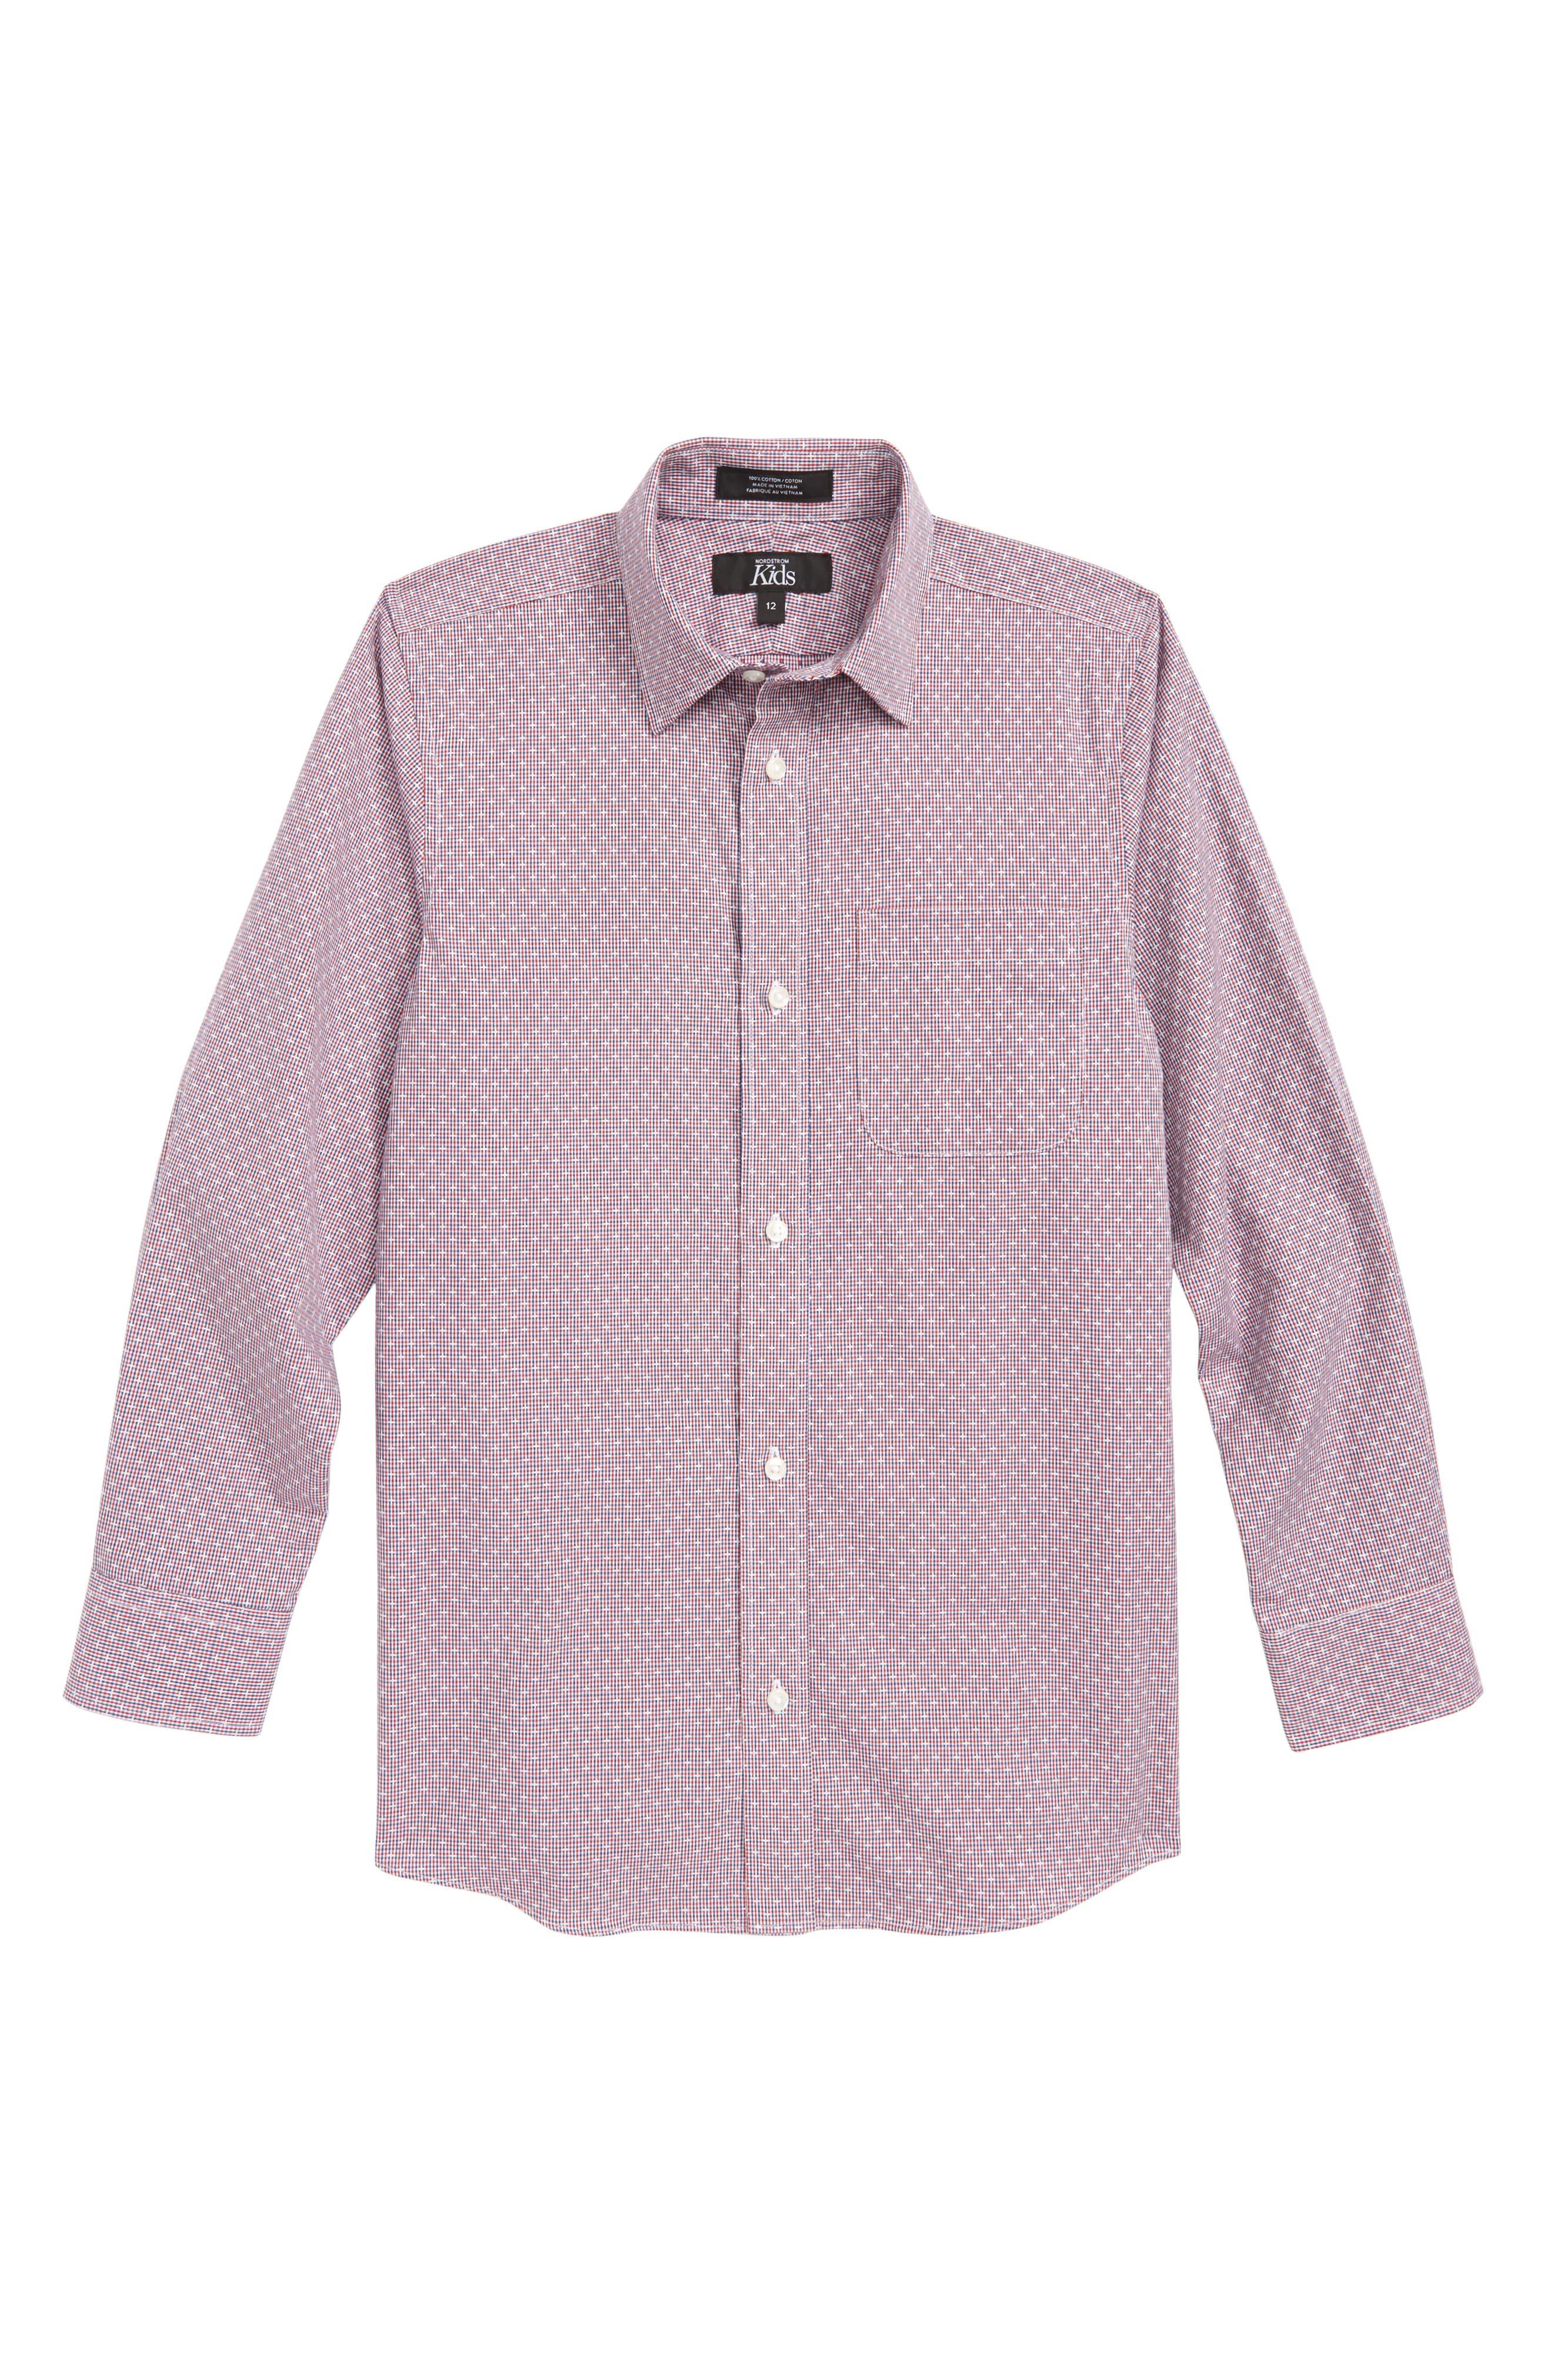 Check Dress Shirt,                         Main,                         color, 601